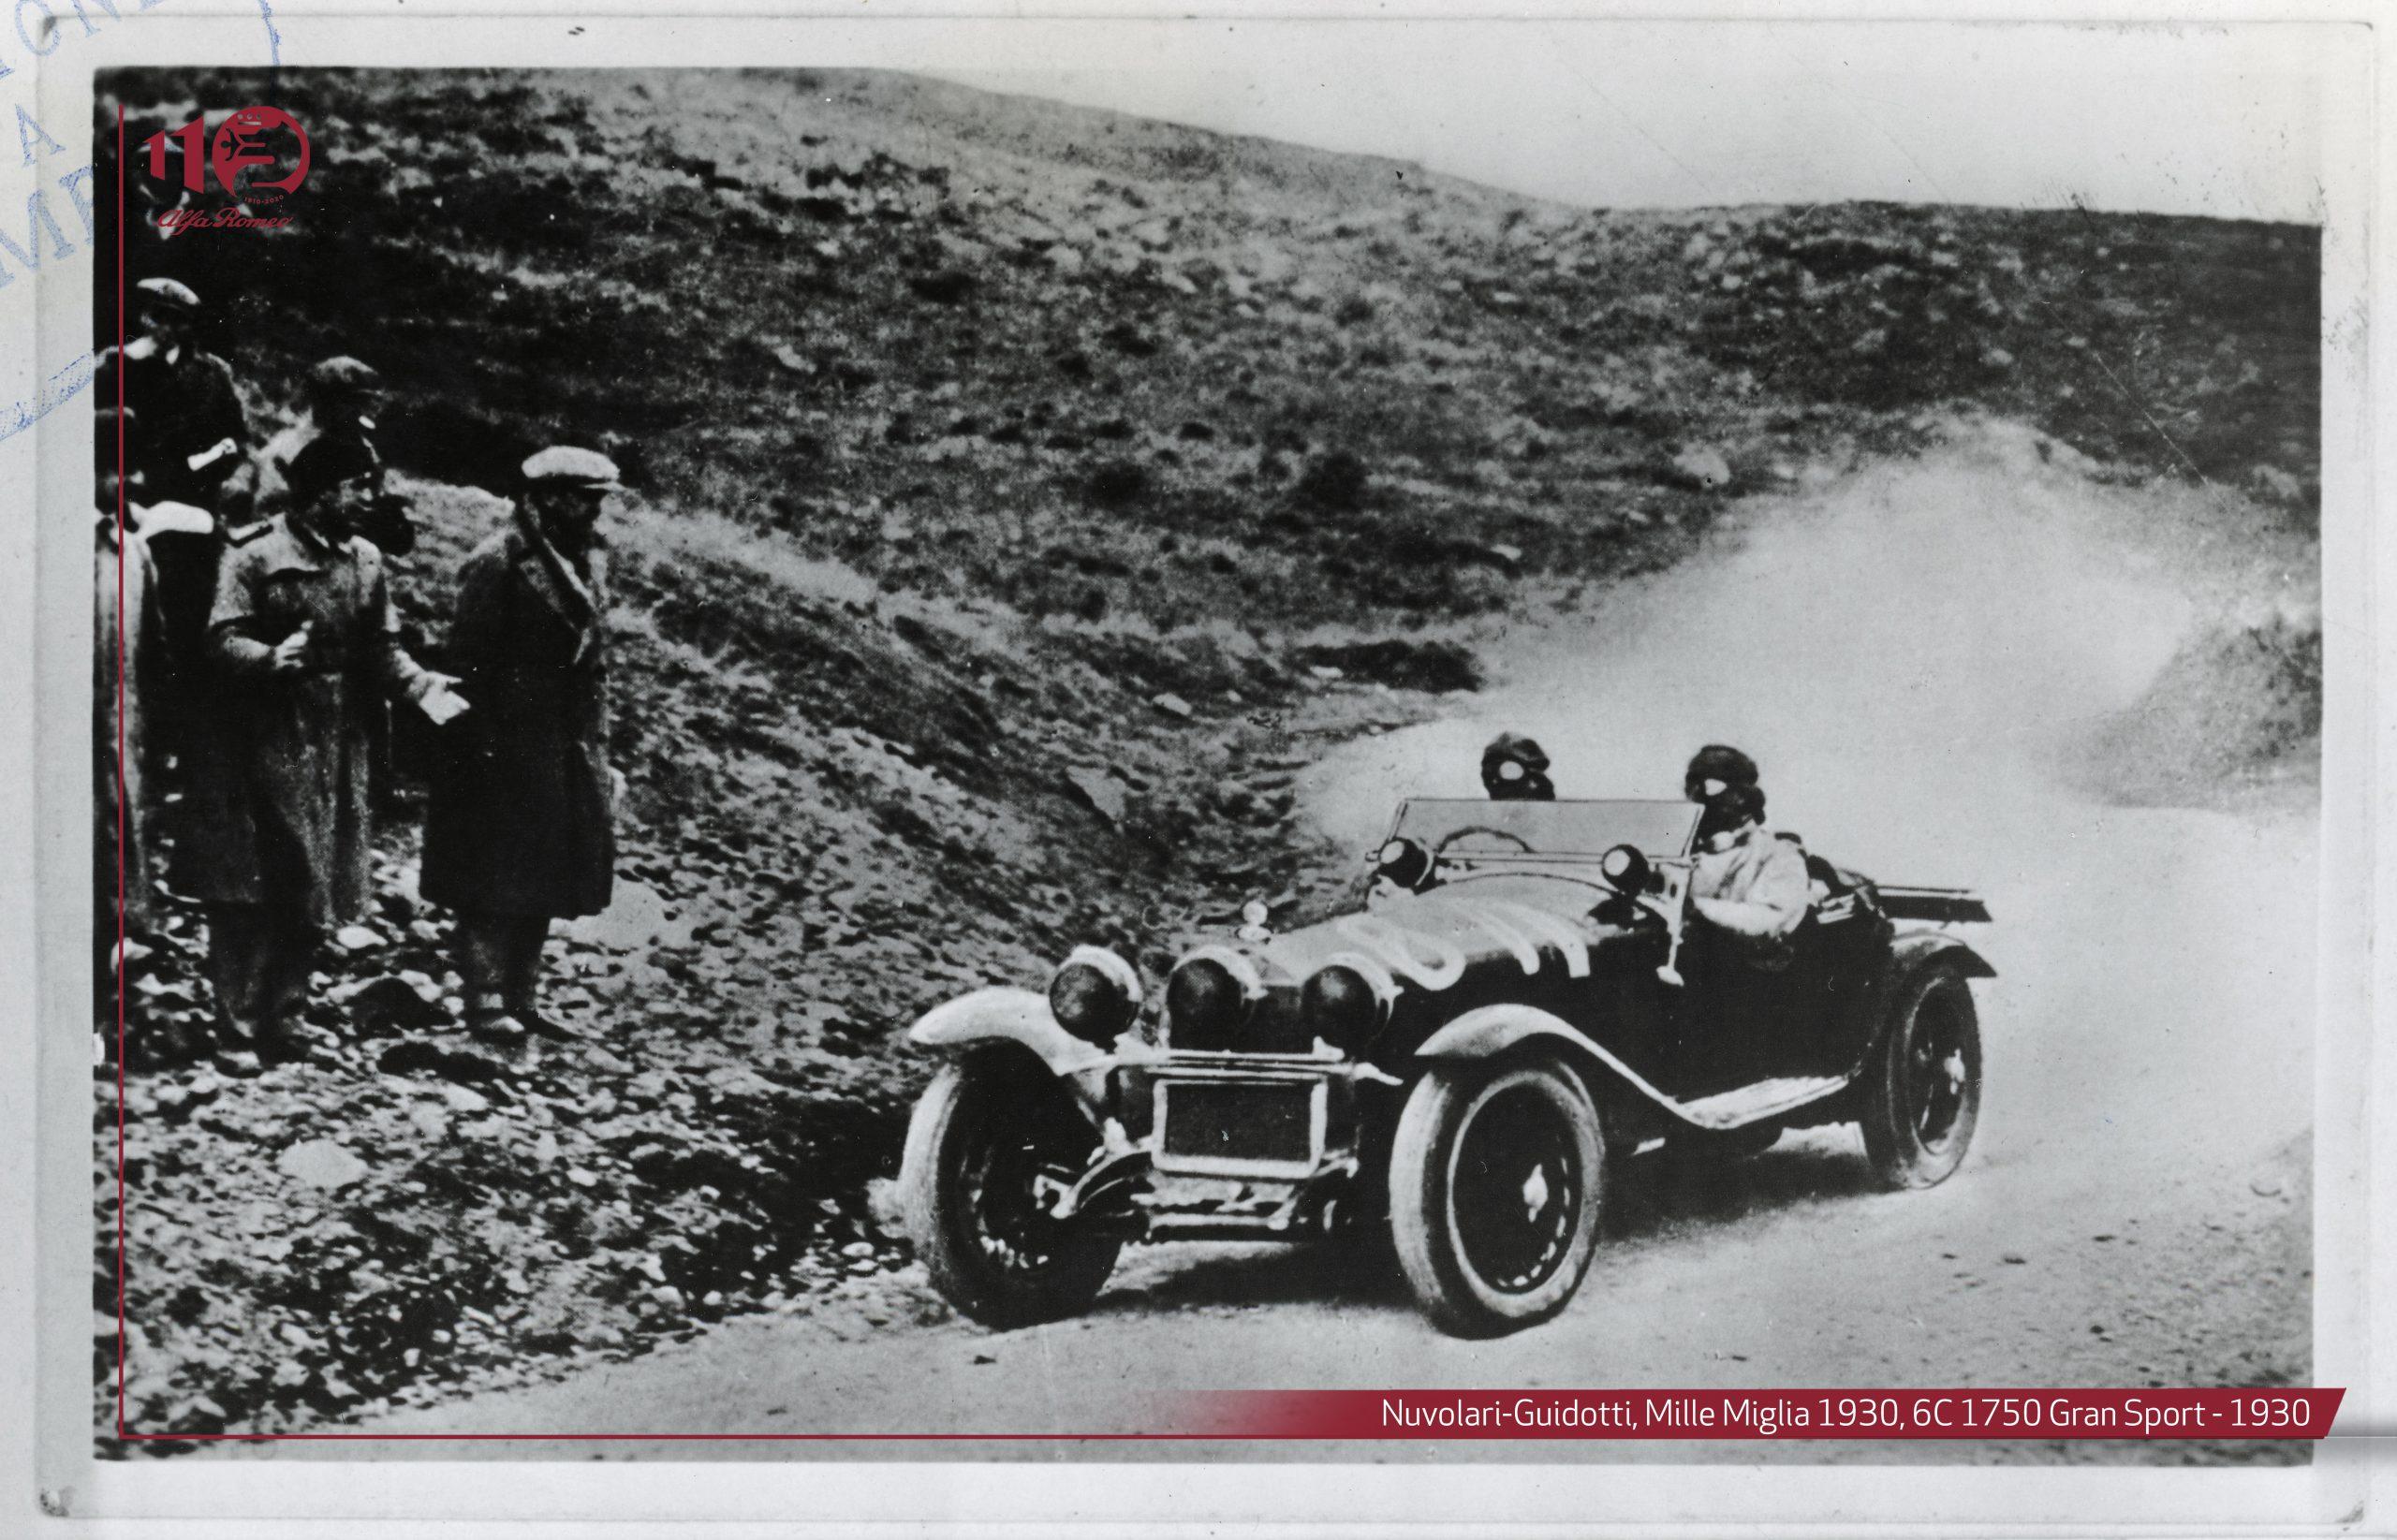 Alfa Romeo 6C equipaggio Nuvolari-Guidotti-Mille-Miglia-1930